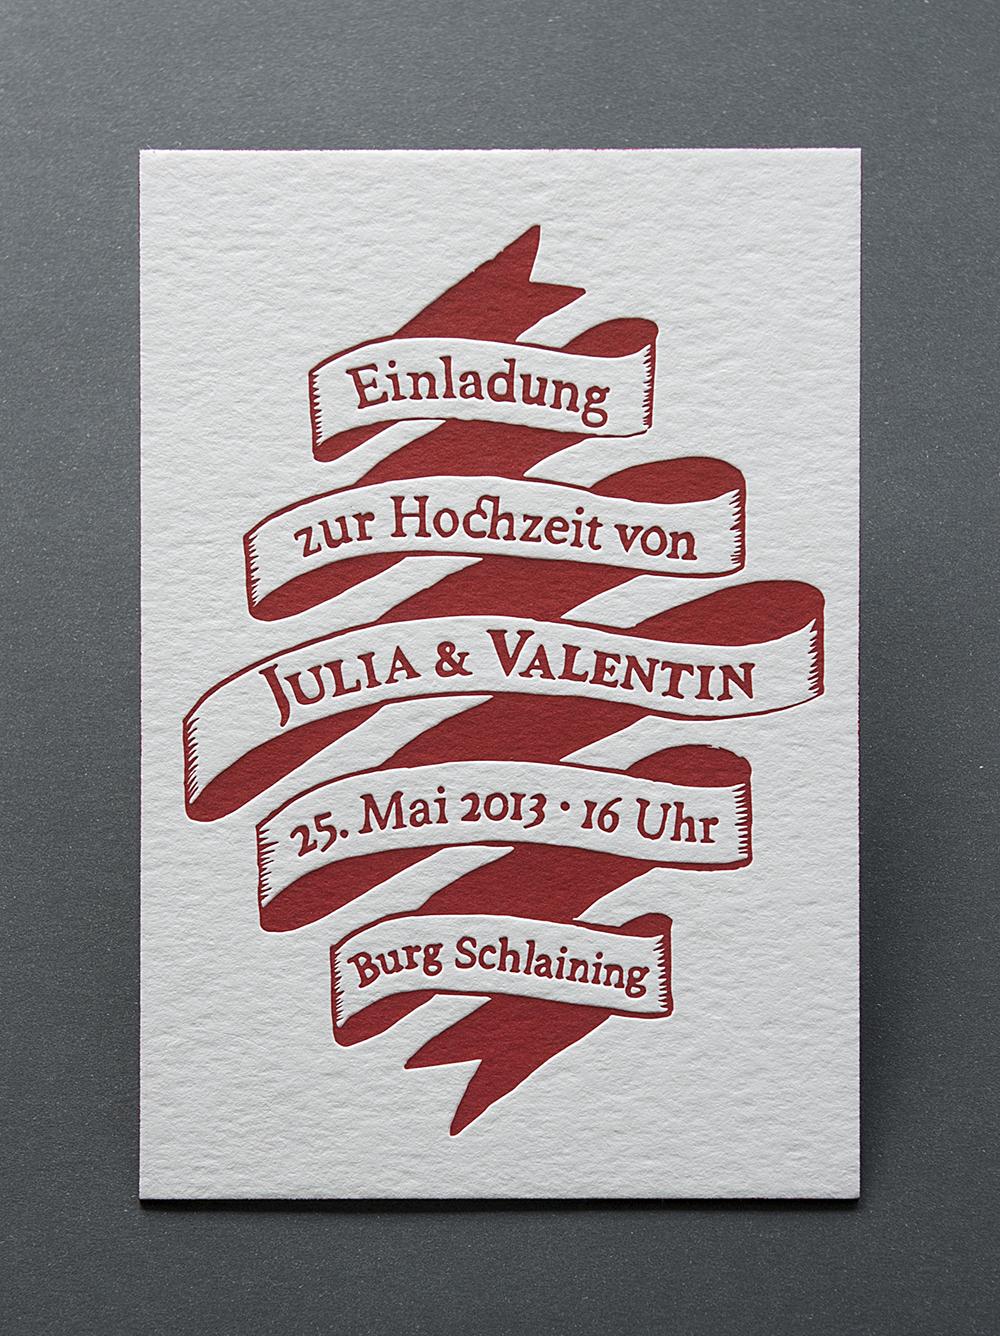 Hochzeit Julia & Valentin